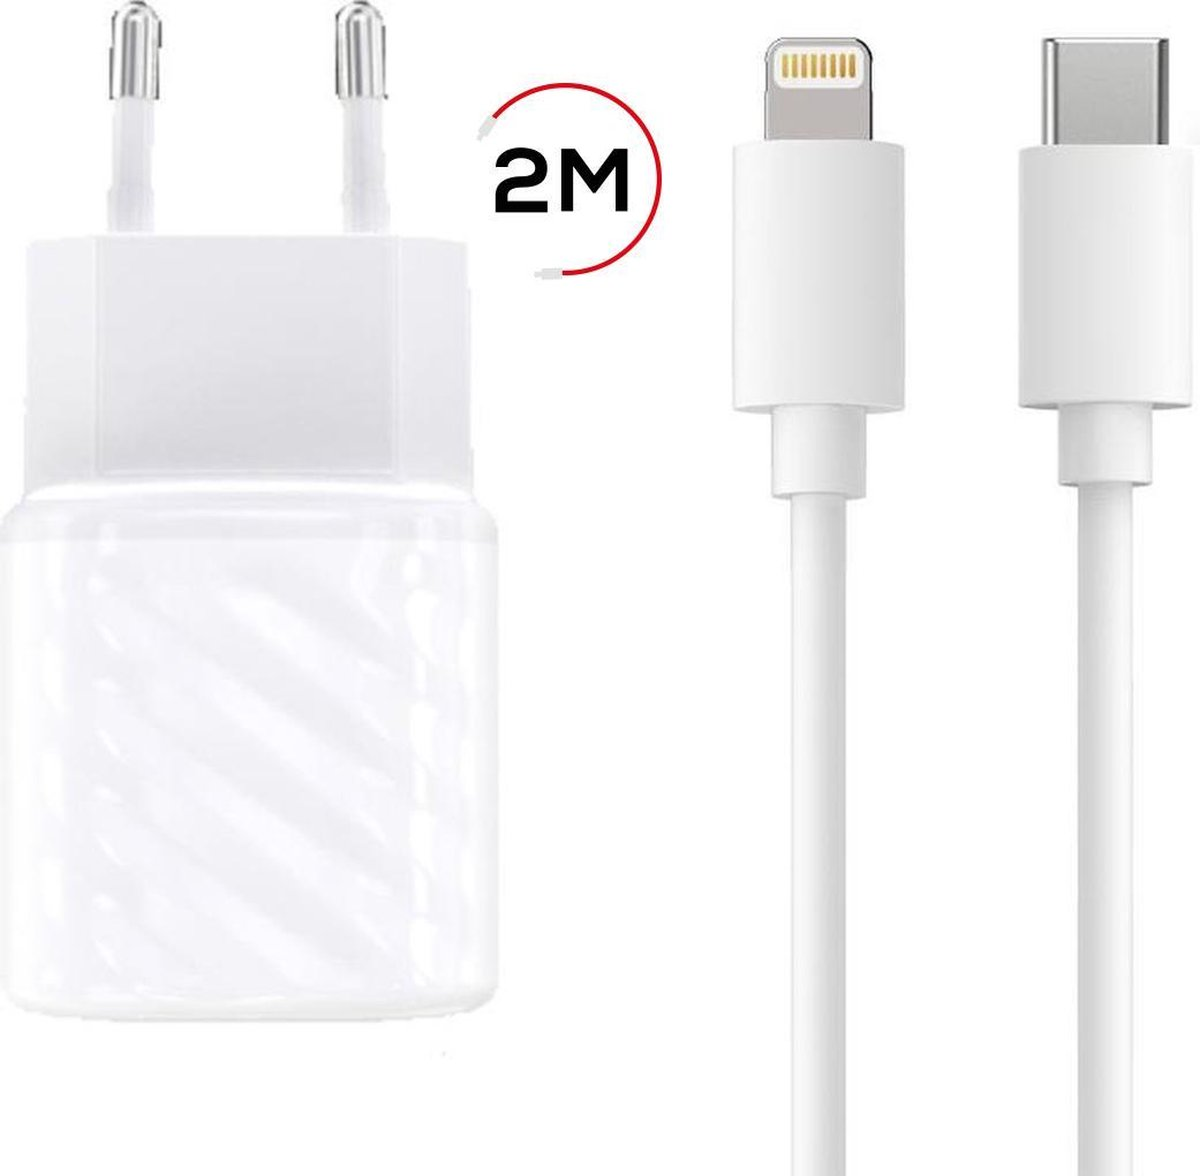 iPhone Oplader incl. 2 Meter oplader kabel - Razendsnelle 20W iPhone lader o.a. geschikt voor Apple iPhone 12 / iPhone 12 Mini / iPhone 12 pro / iPhone 12 Pro Max